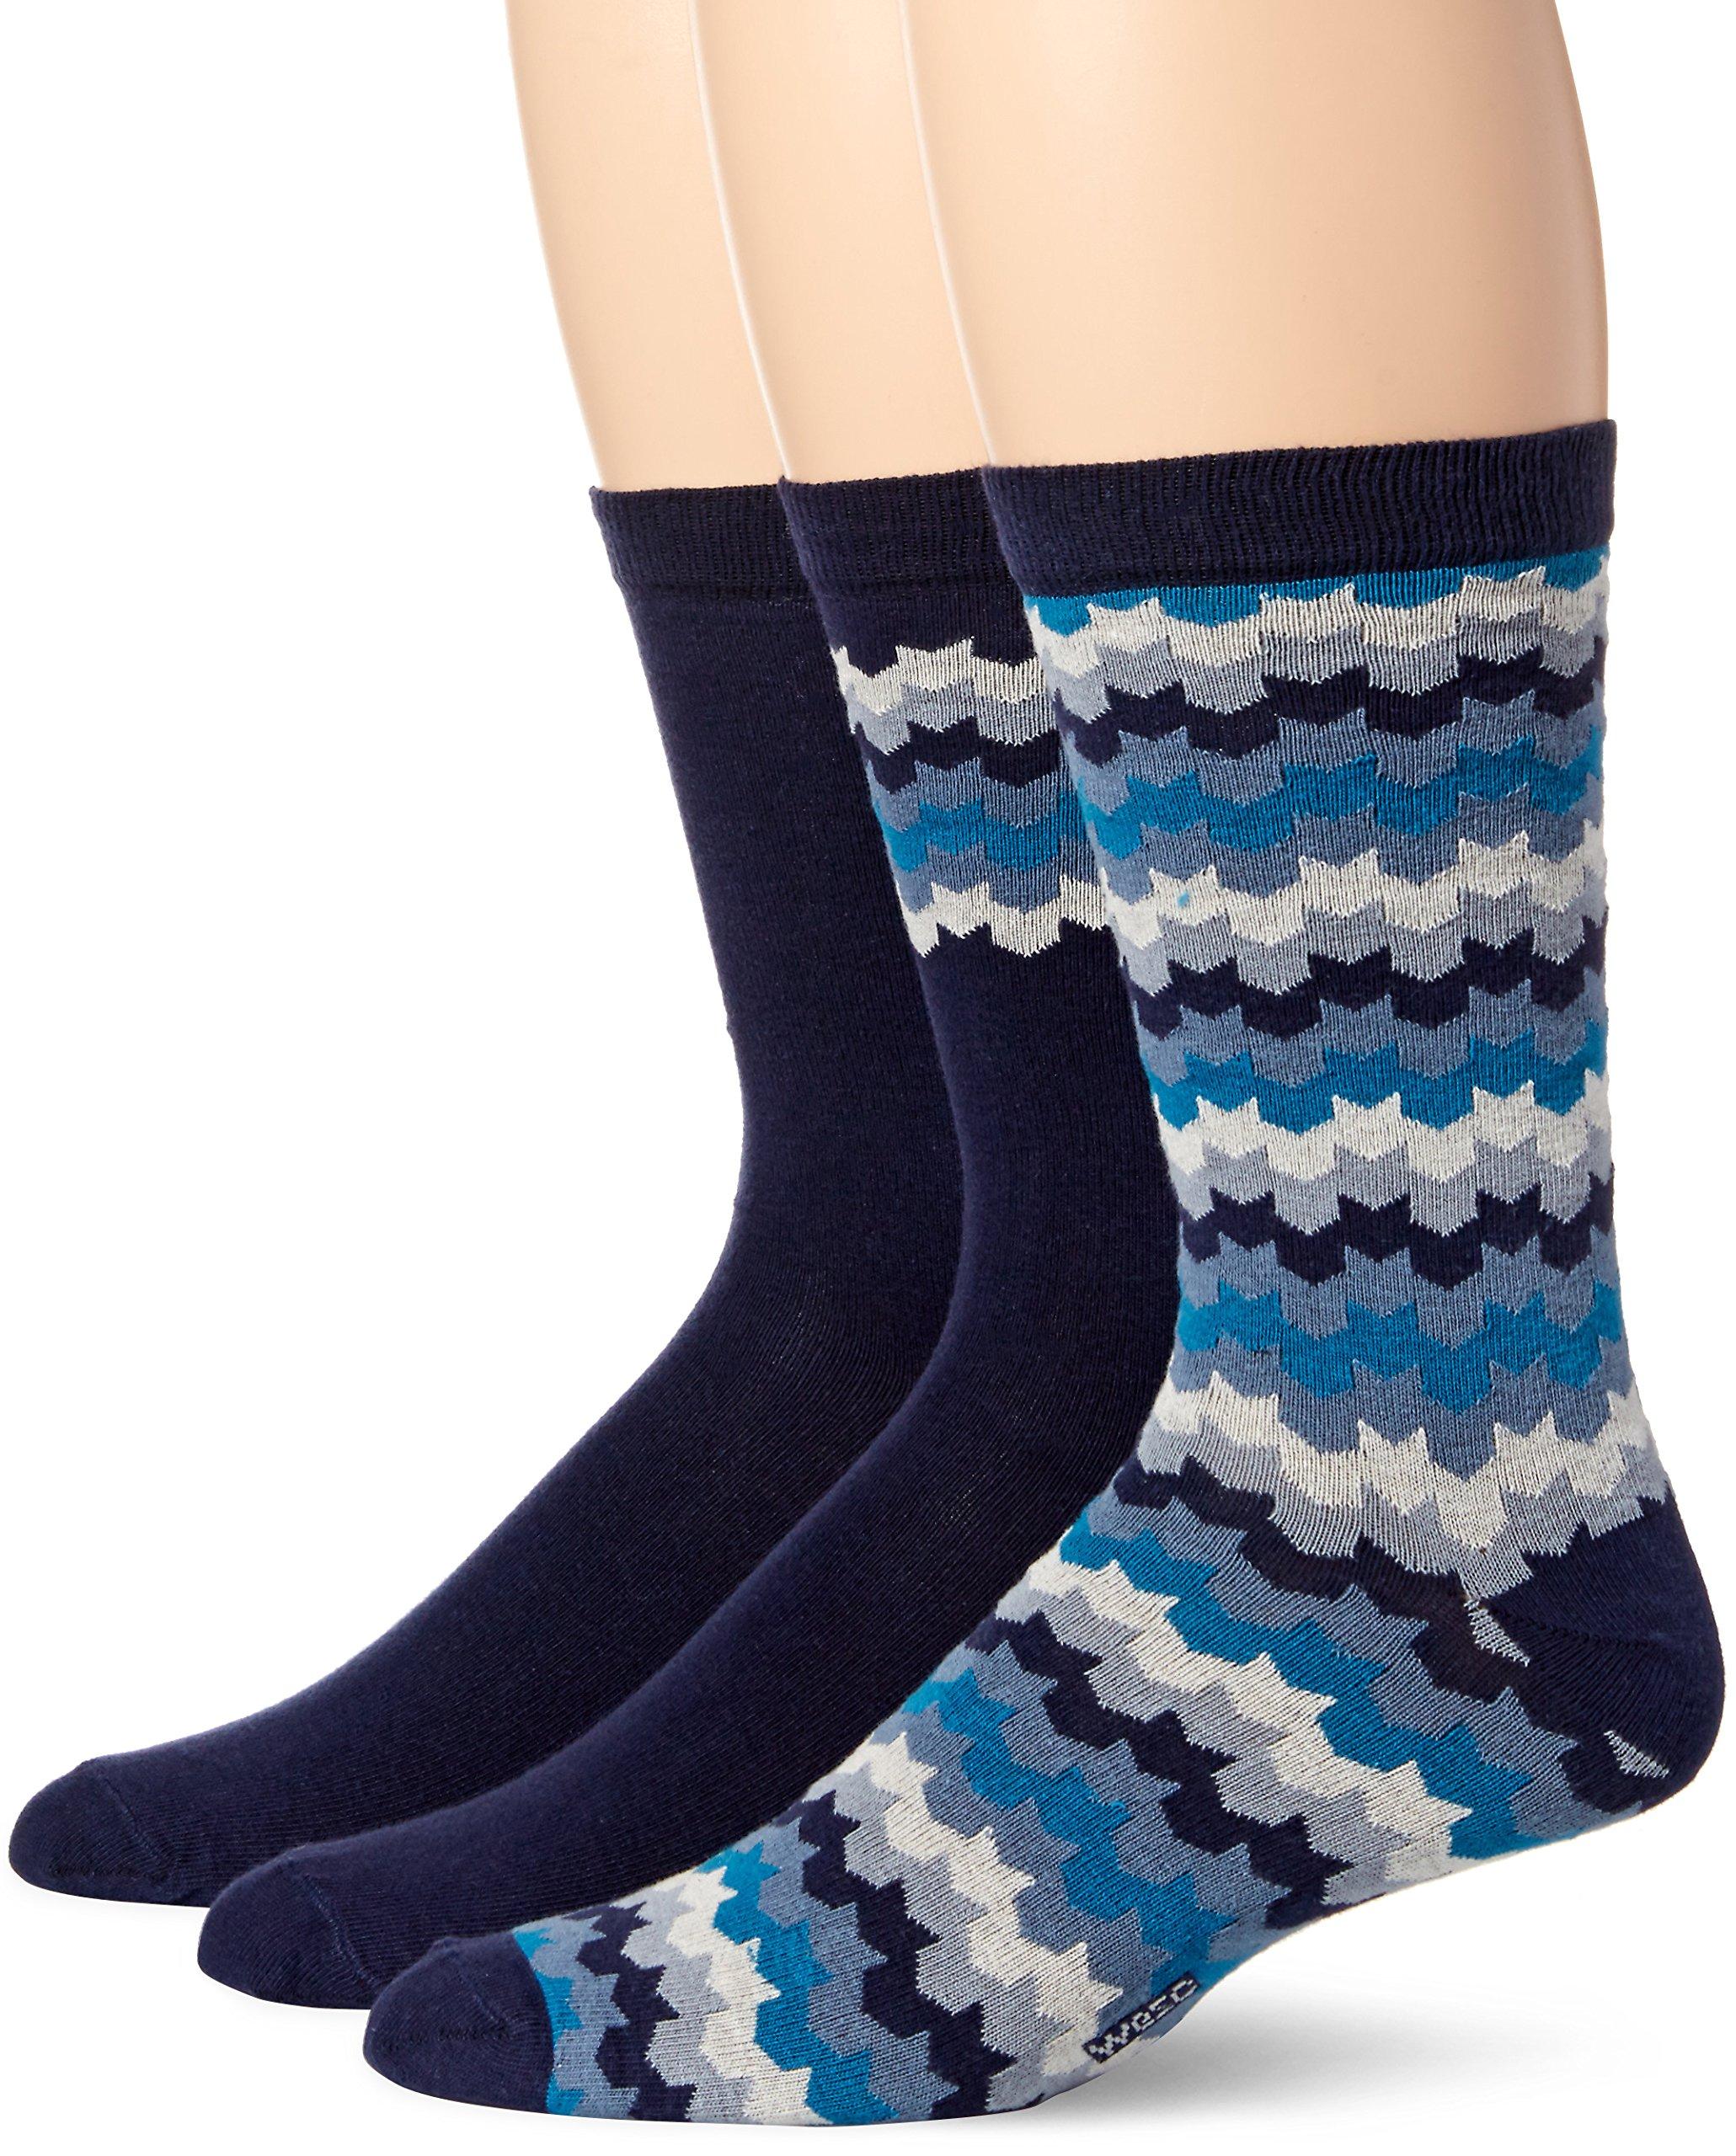 WeSC Men's Knitted 3 Pack Socks, Navy Blazer, 42-45 by WeSC (Image #1)